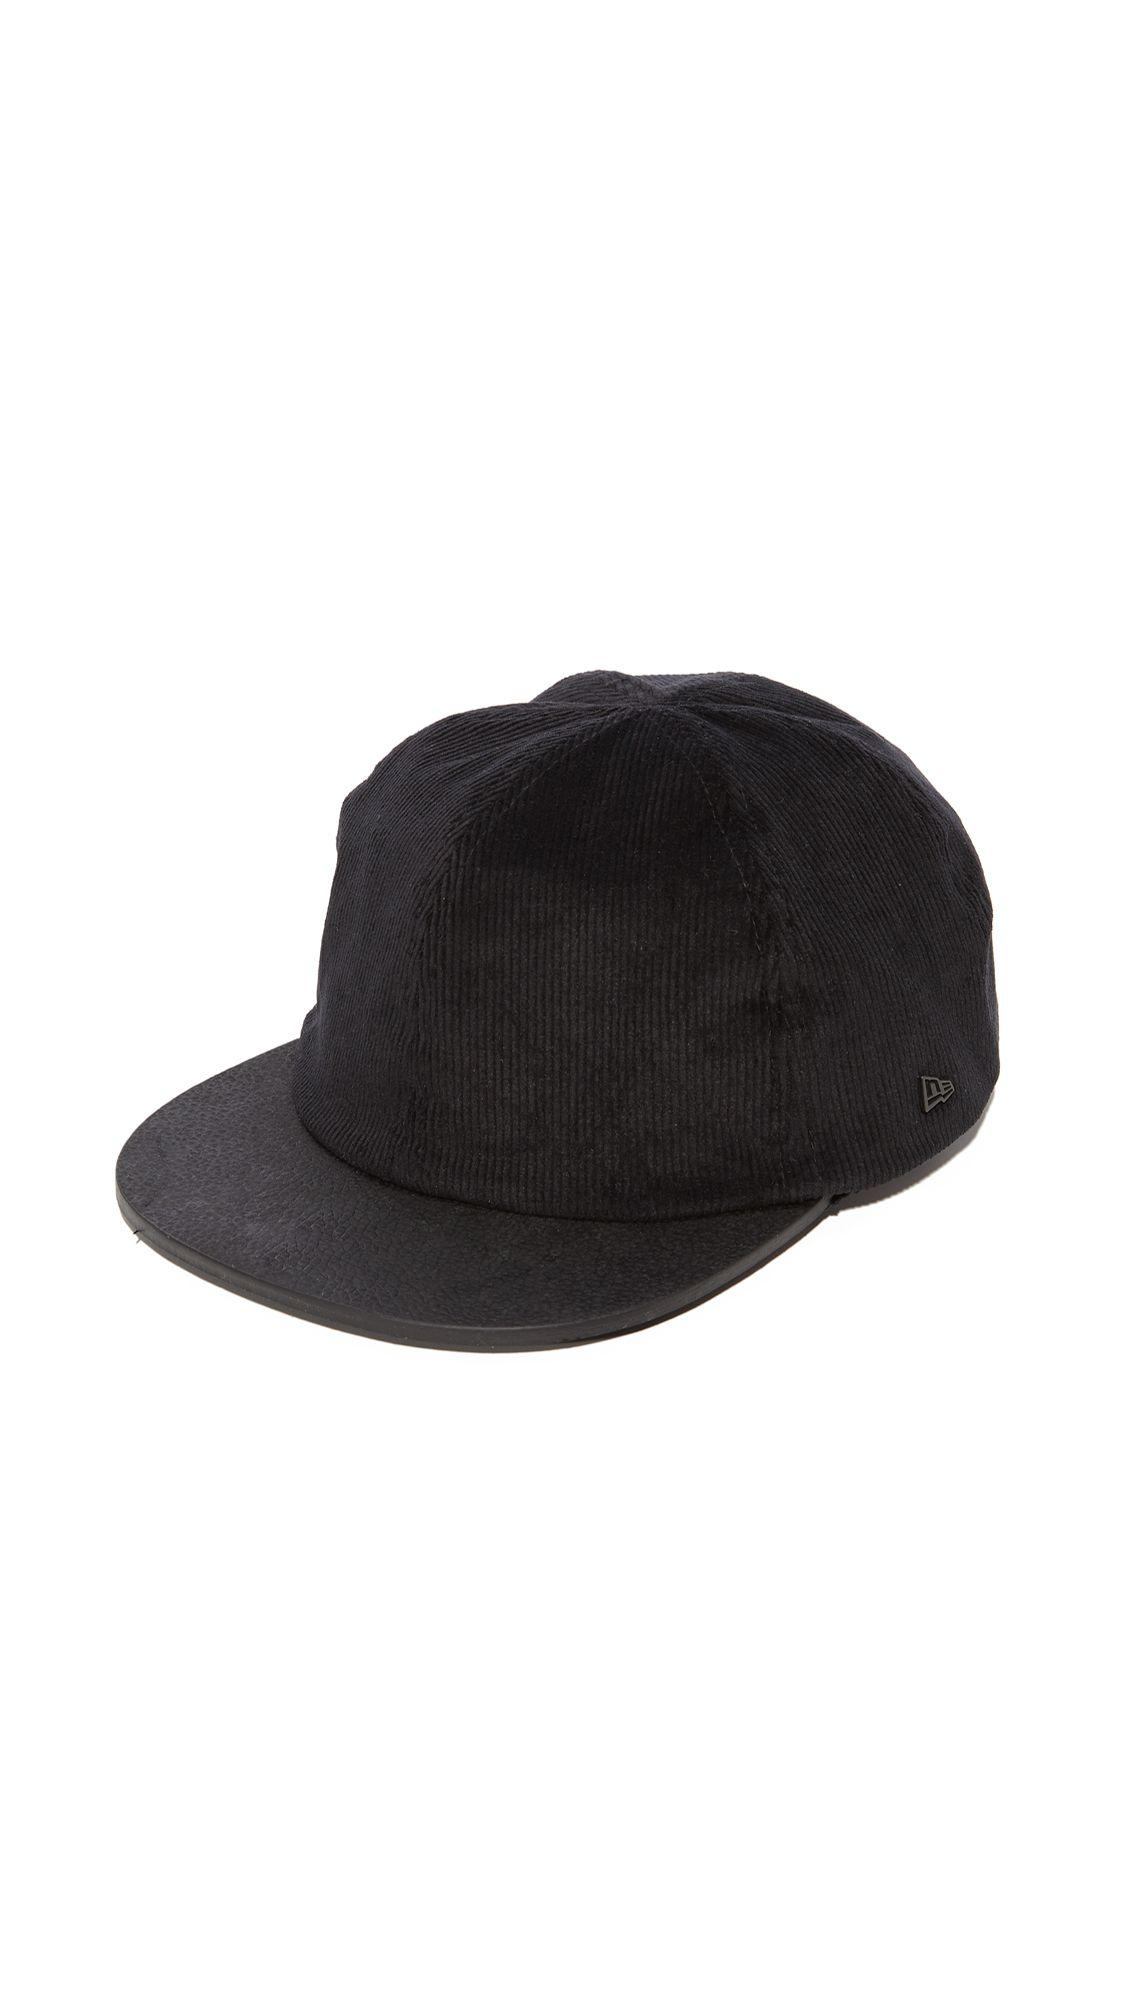 b2eea30922575b NEW ERA Corduroy 19Twenty Cap.  newera  cap